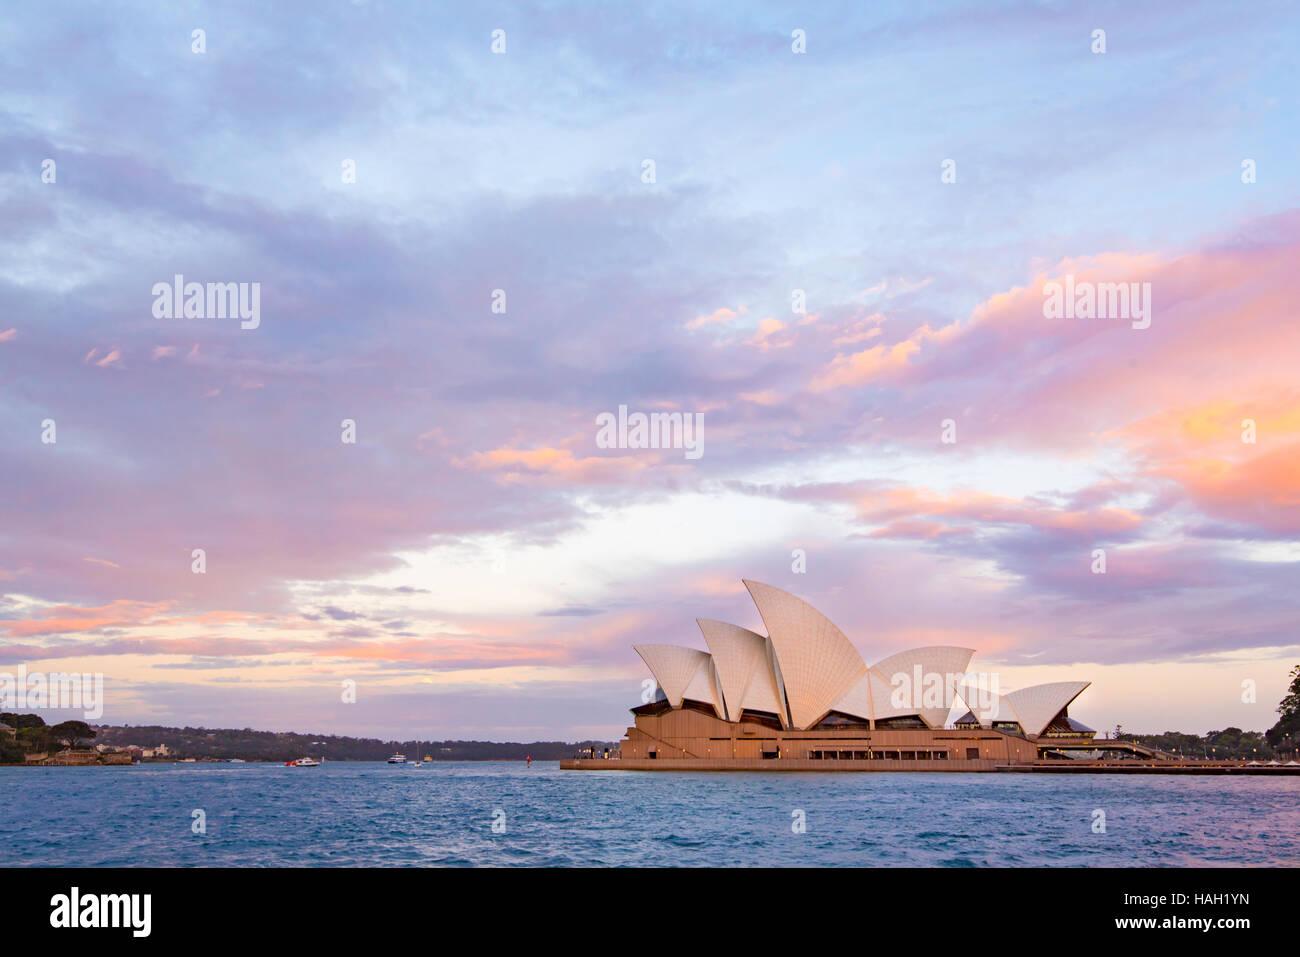 Das Sydney Opera House, Australien in der Abenddämmerung Stockfoto